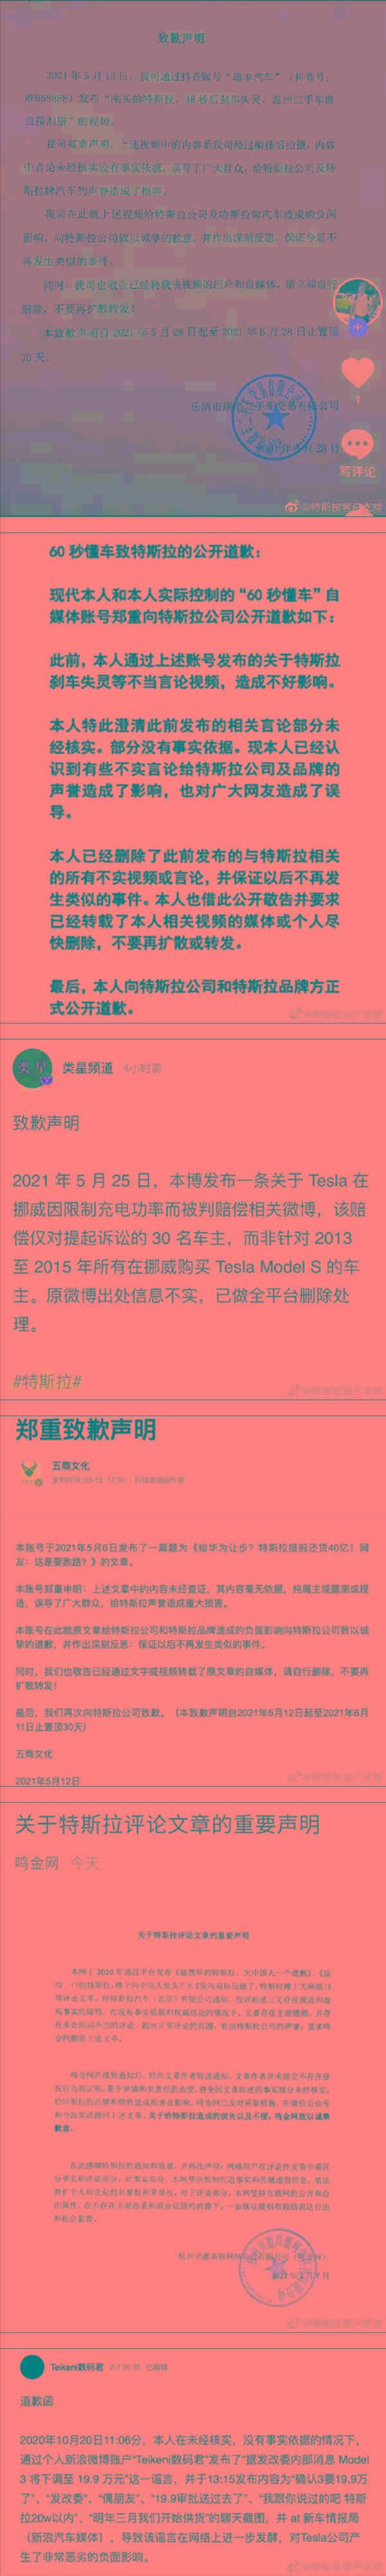 特斯拉开通法务部微博上热搜!网友:关注列表里的人已相继道歉